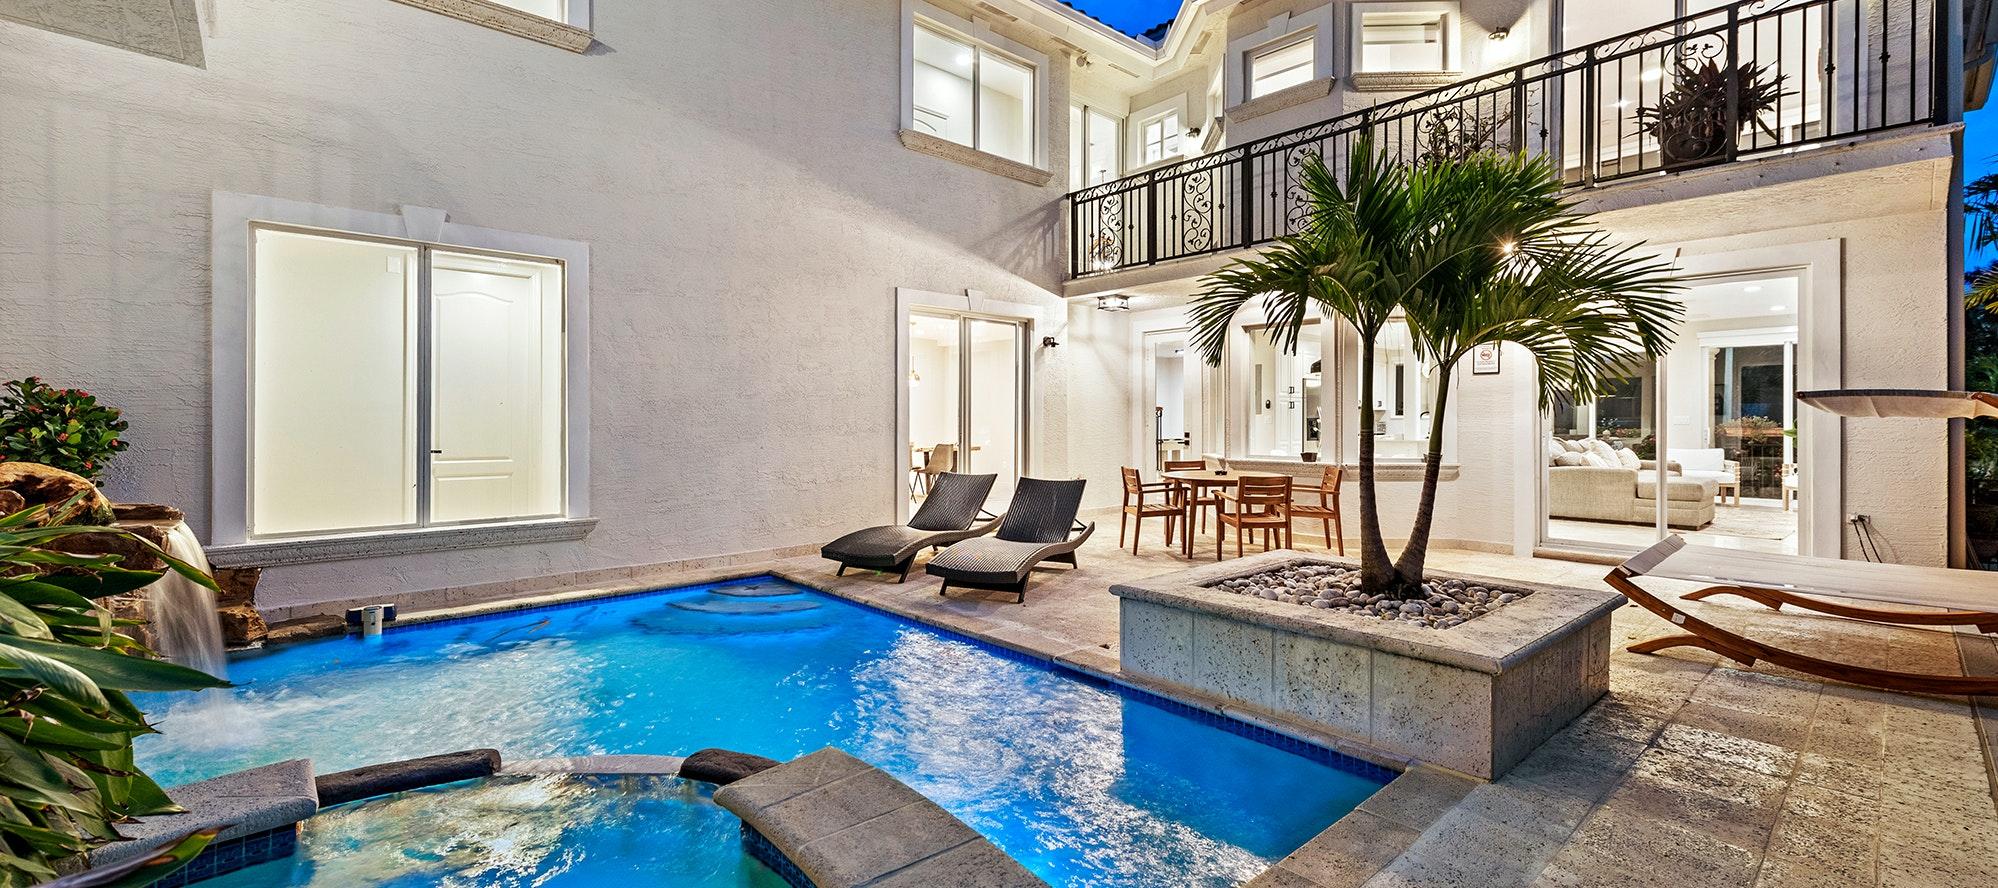 Villa Belmar luxury rental in Miami Shores